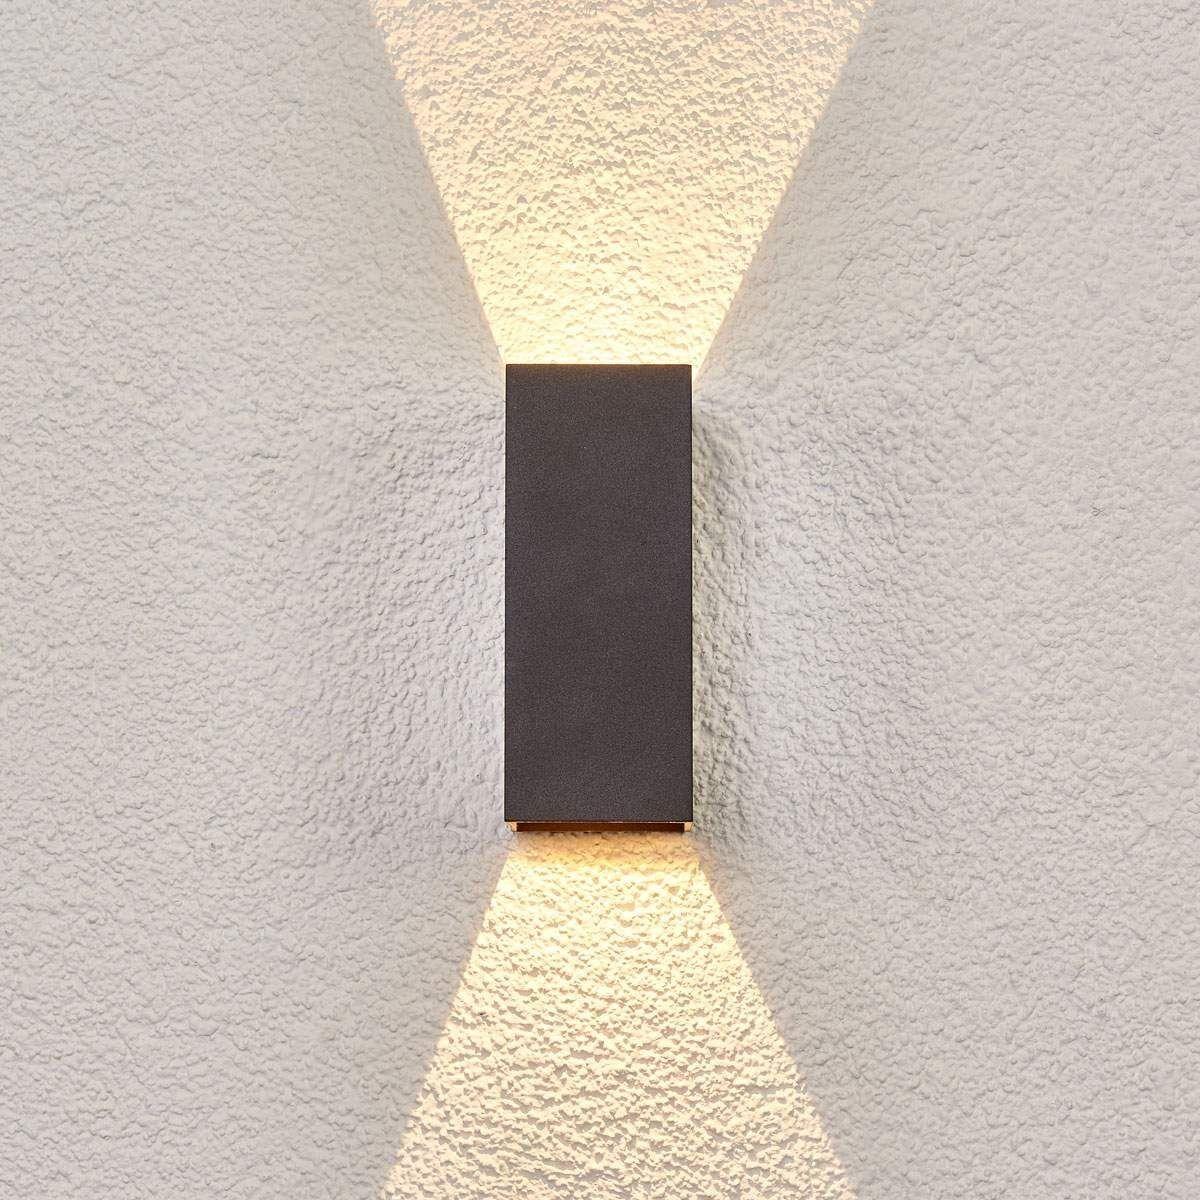 Applique Extérieure Eclairage Haut Et Bas applique extérieure en aluminium moderne led - taille